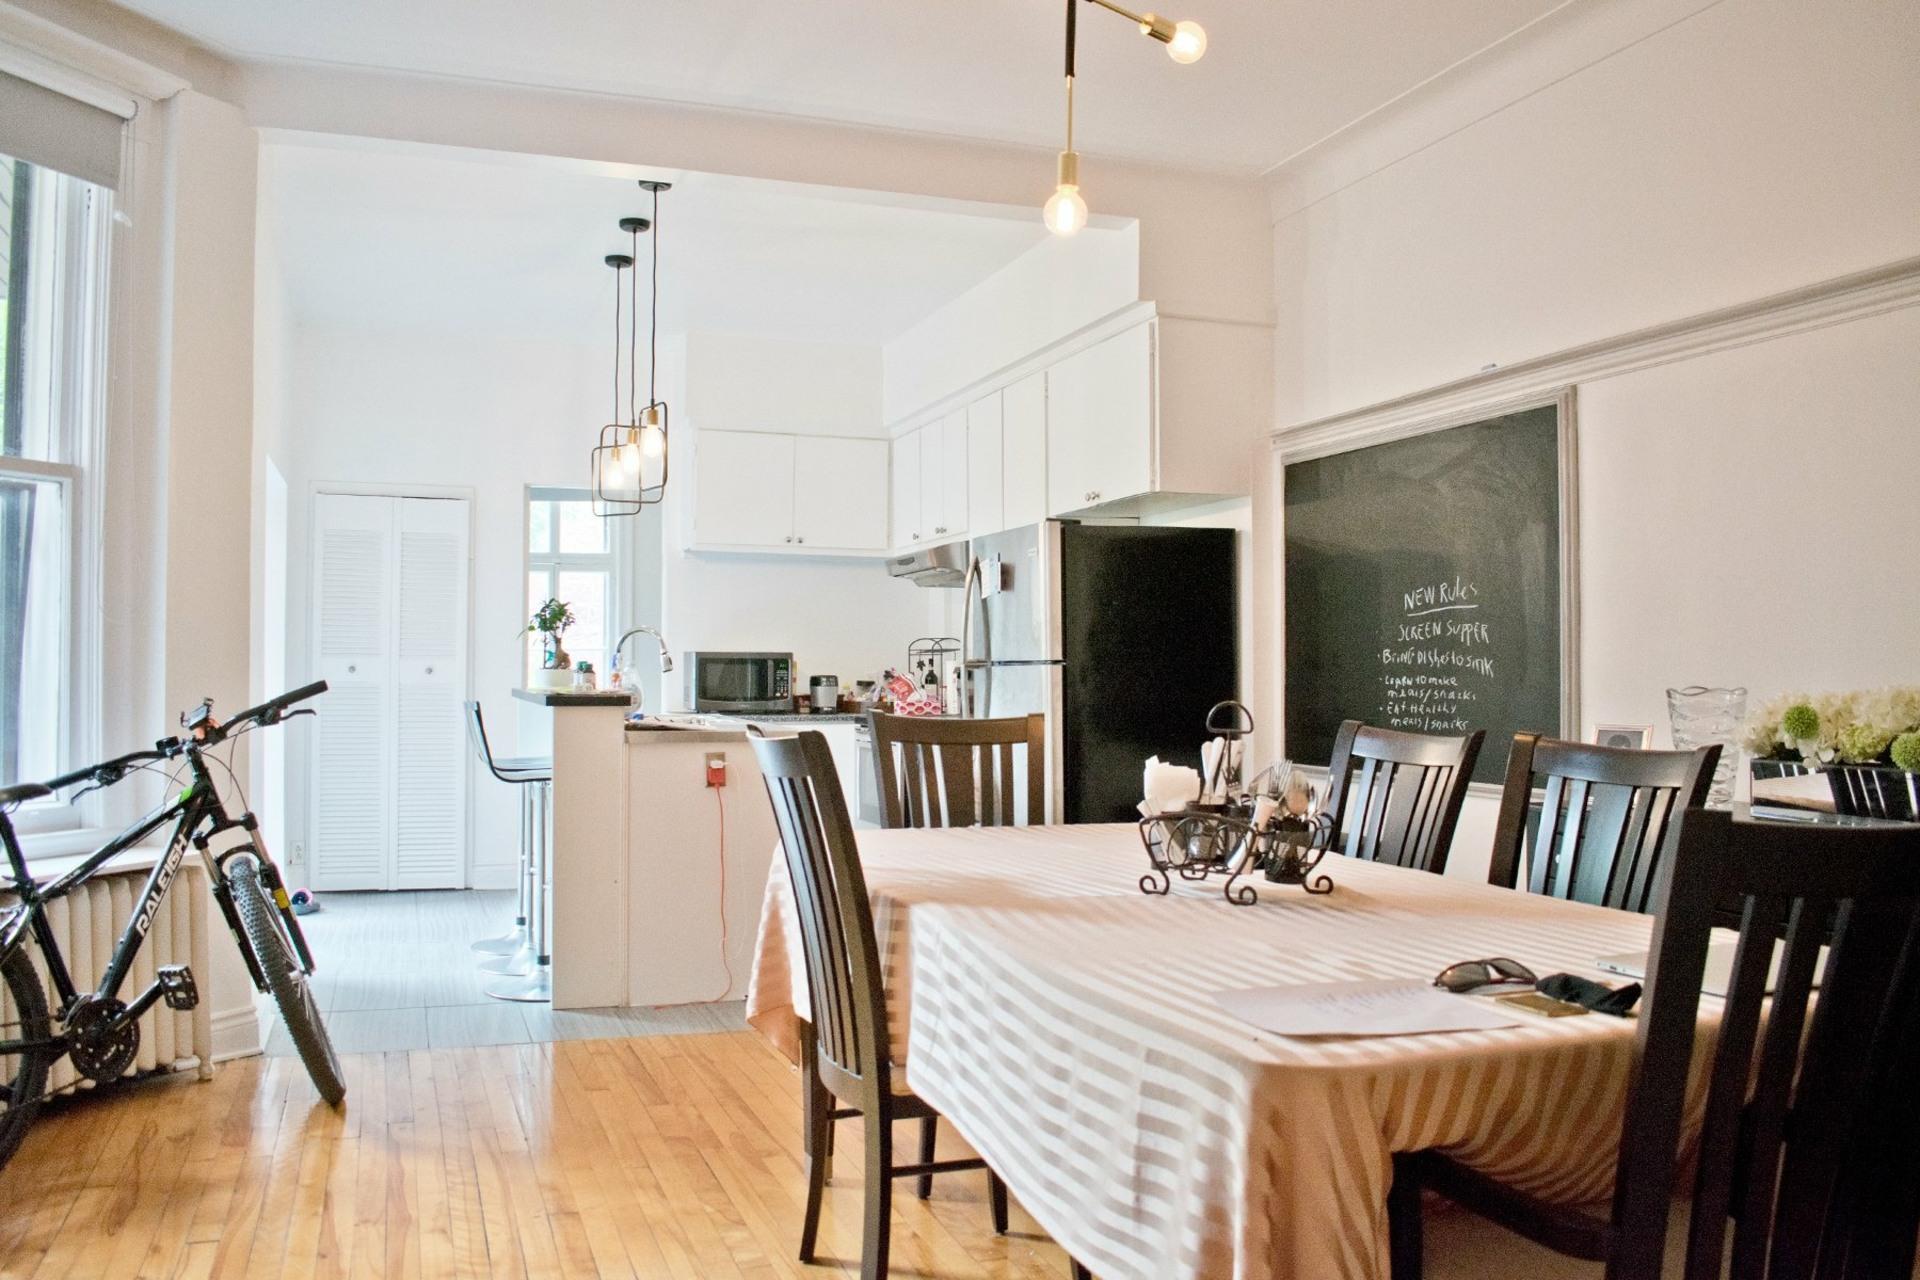 image 7 - Appartement À louer Côte-des-Neiges/Notre-Dame-de-Grâce Montréal  - 11 pièces